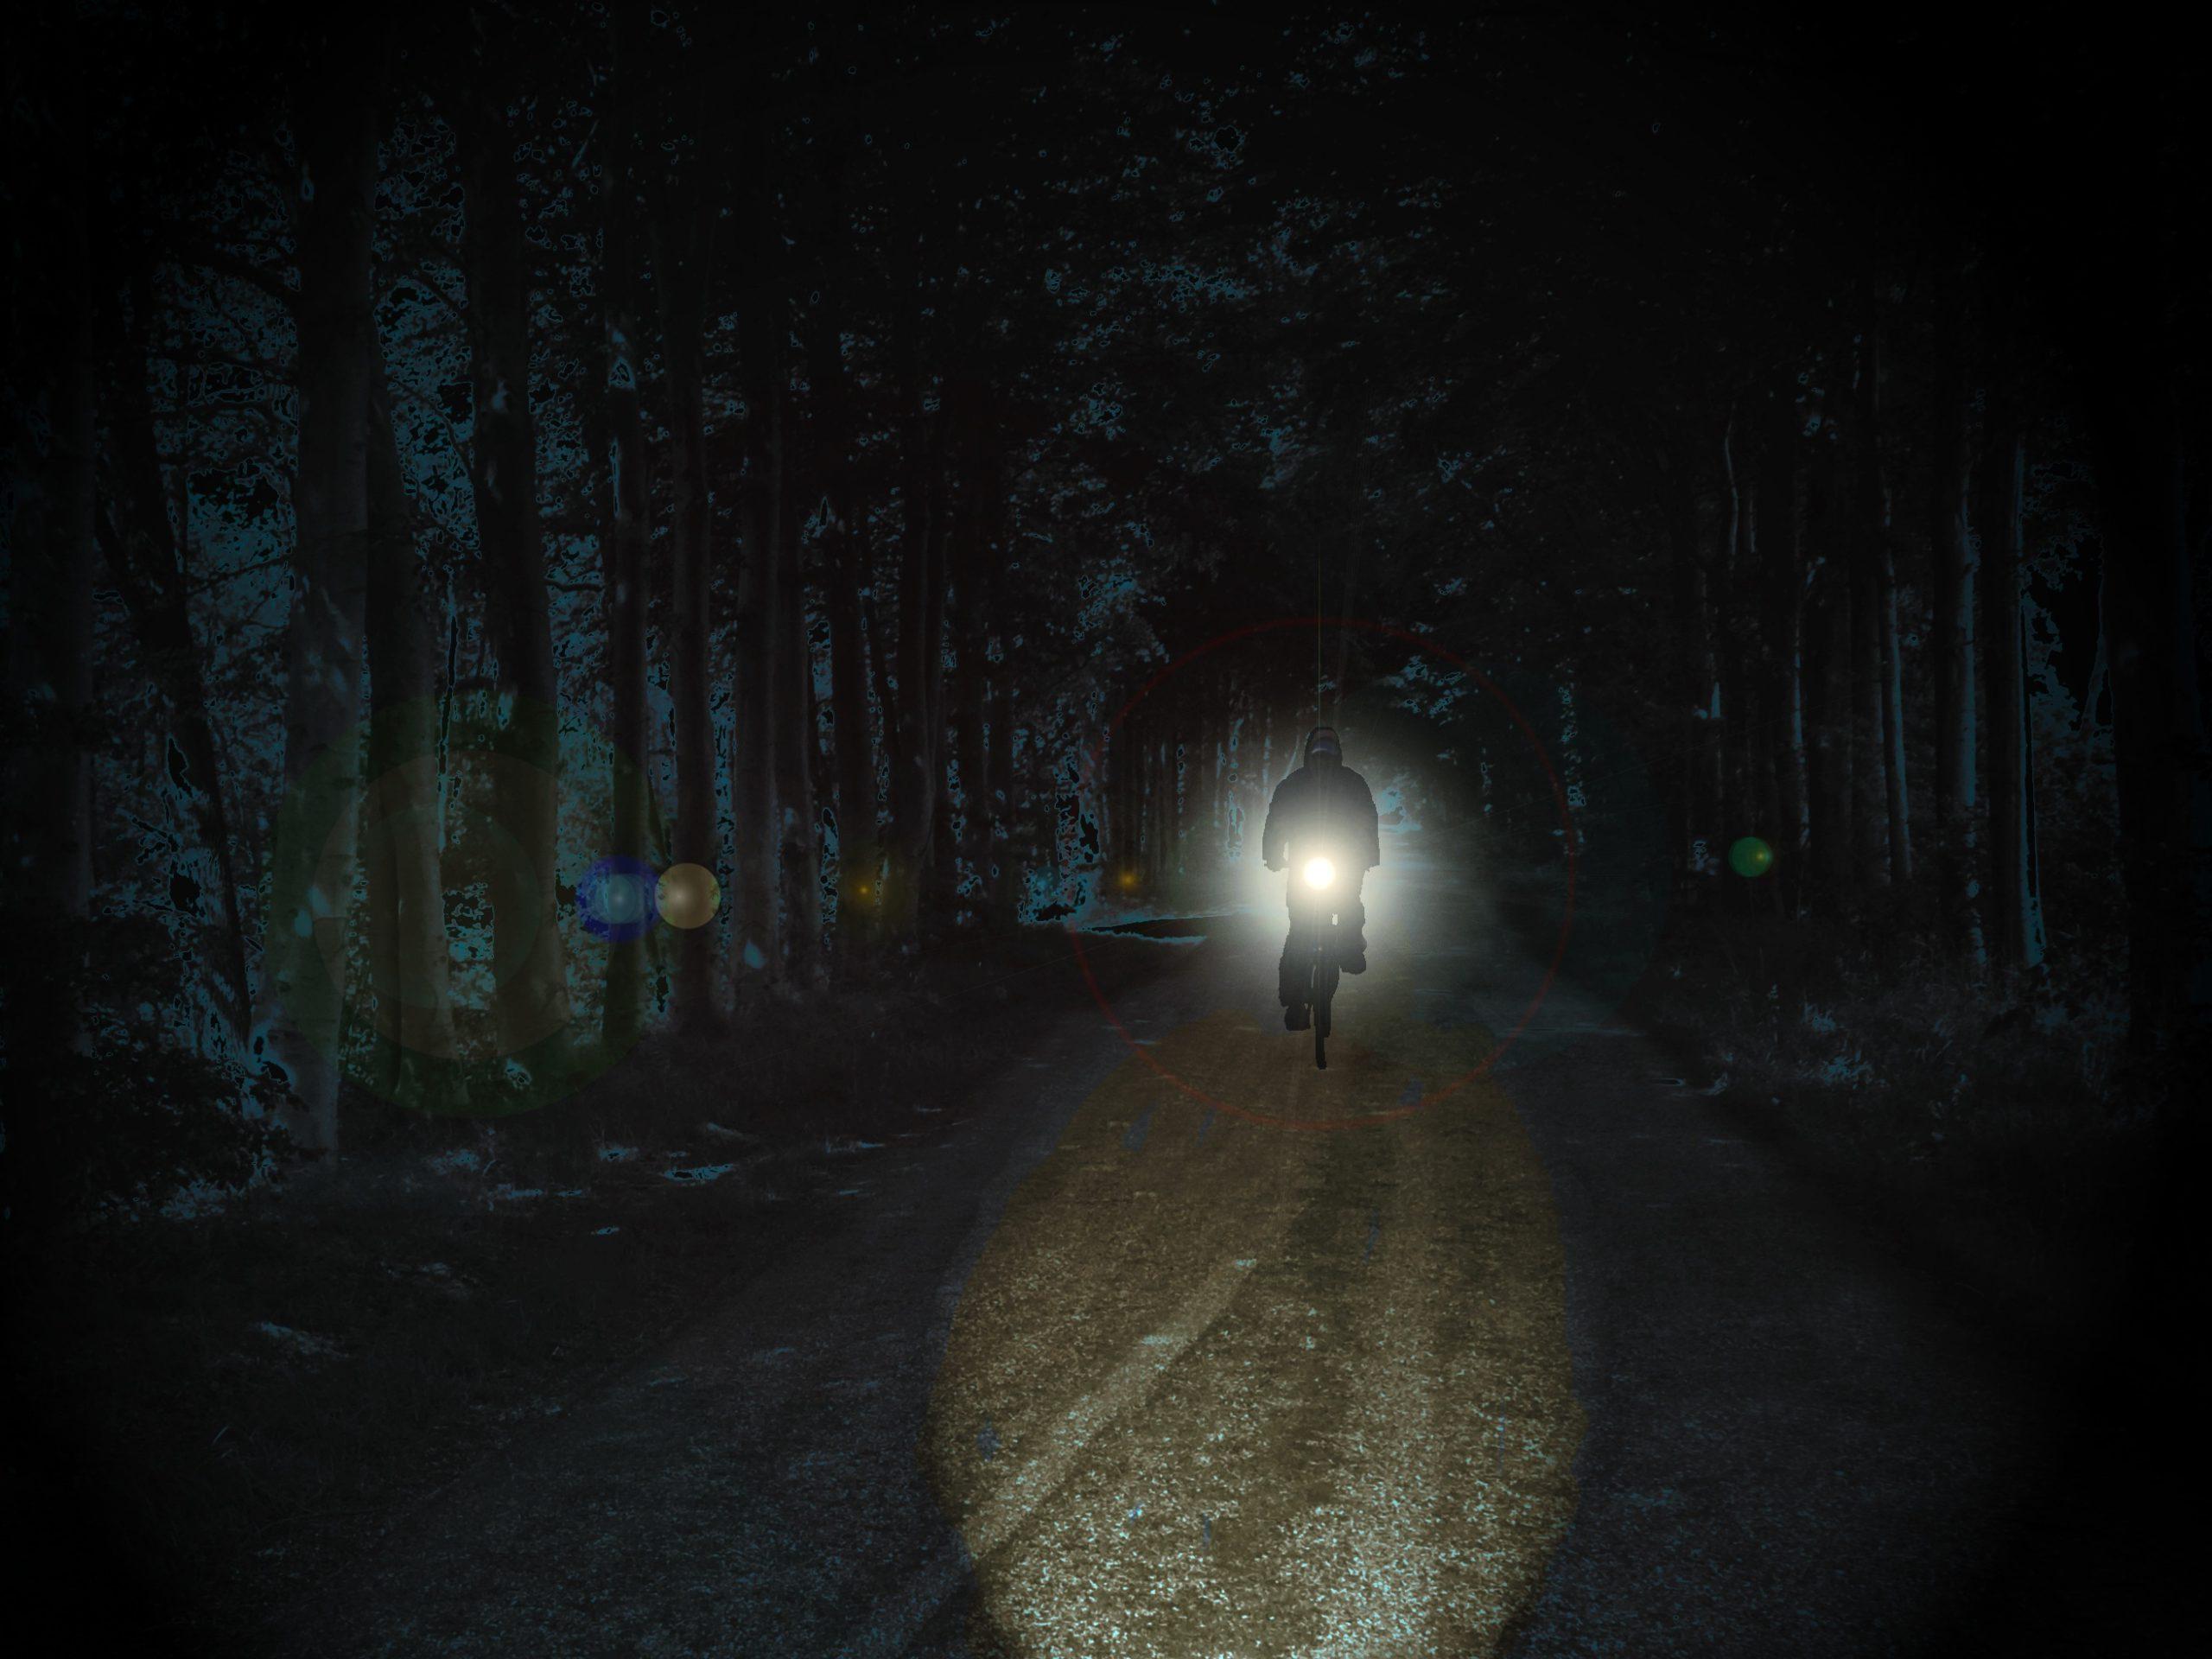 E-Bike Fahrer mit Licht in der Dunkelheit